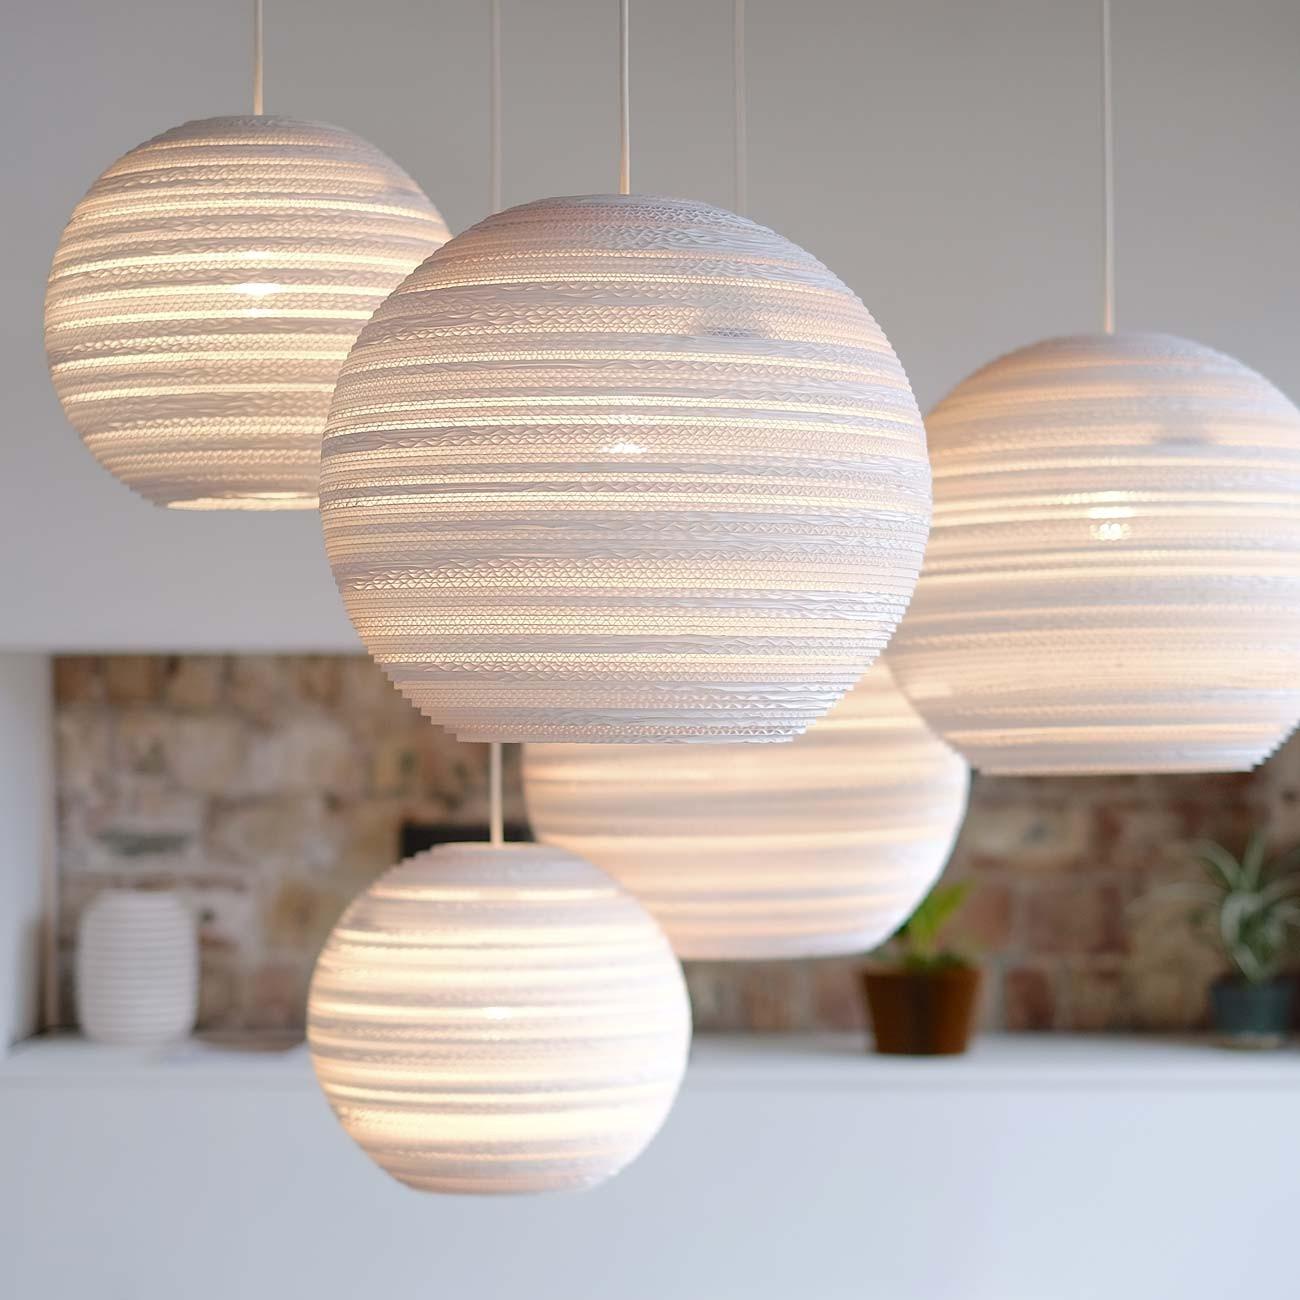 interior design light.jpg